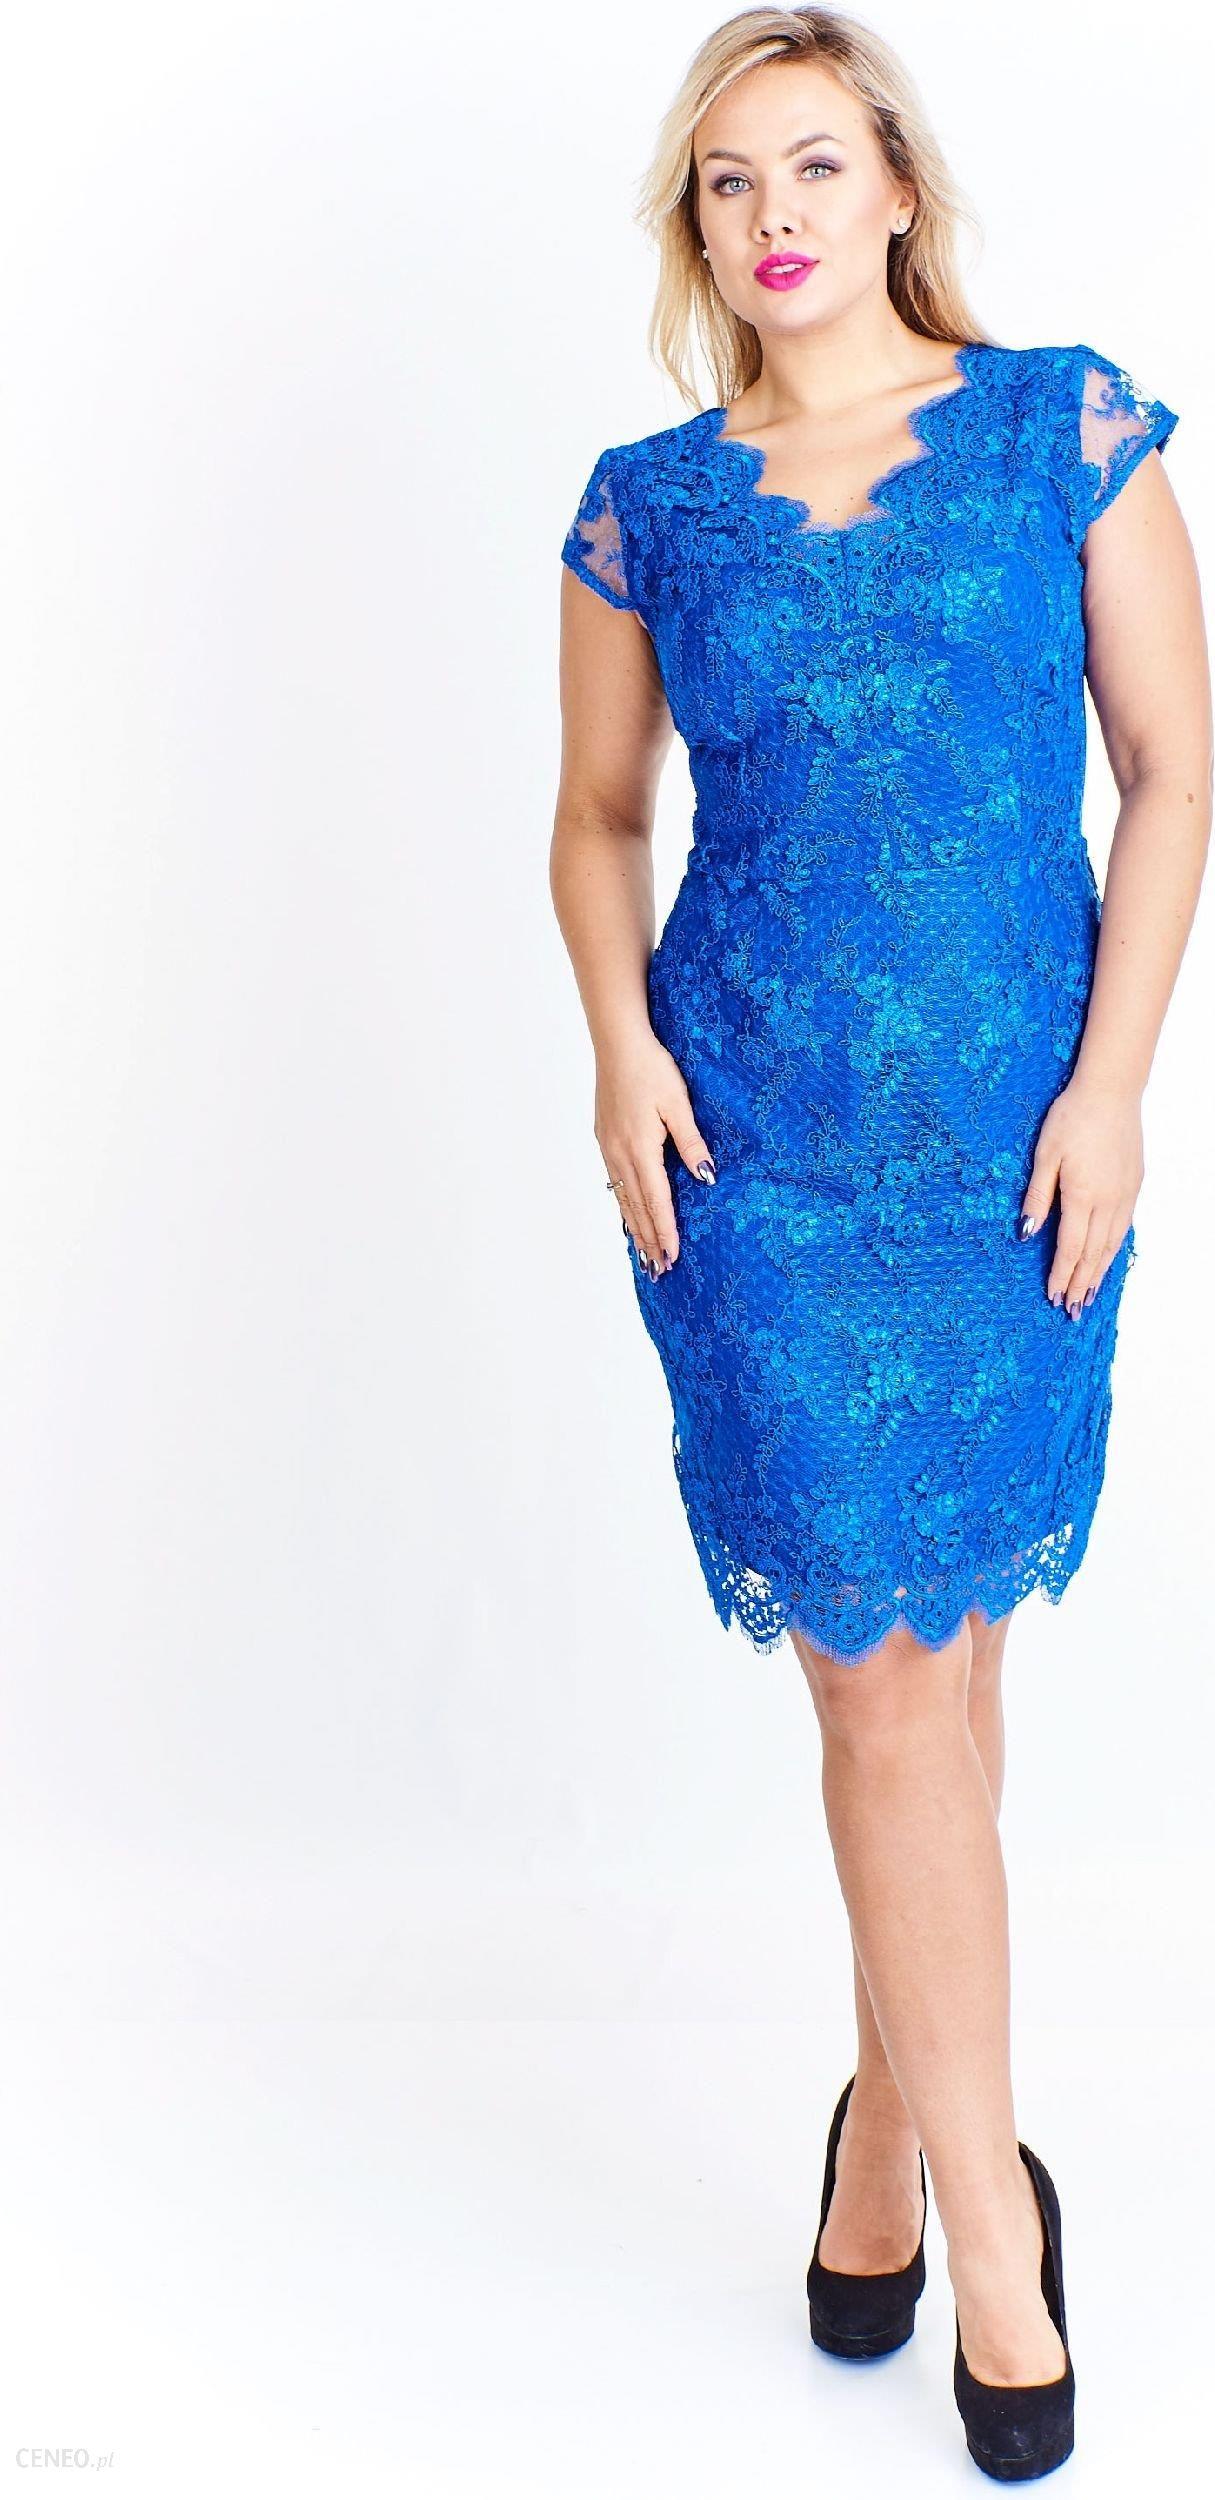 781cbb366a Ptak Moda Koktajlowa sukienka z koronki M51922 niebieska r. 42 - zdjęcie 1